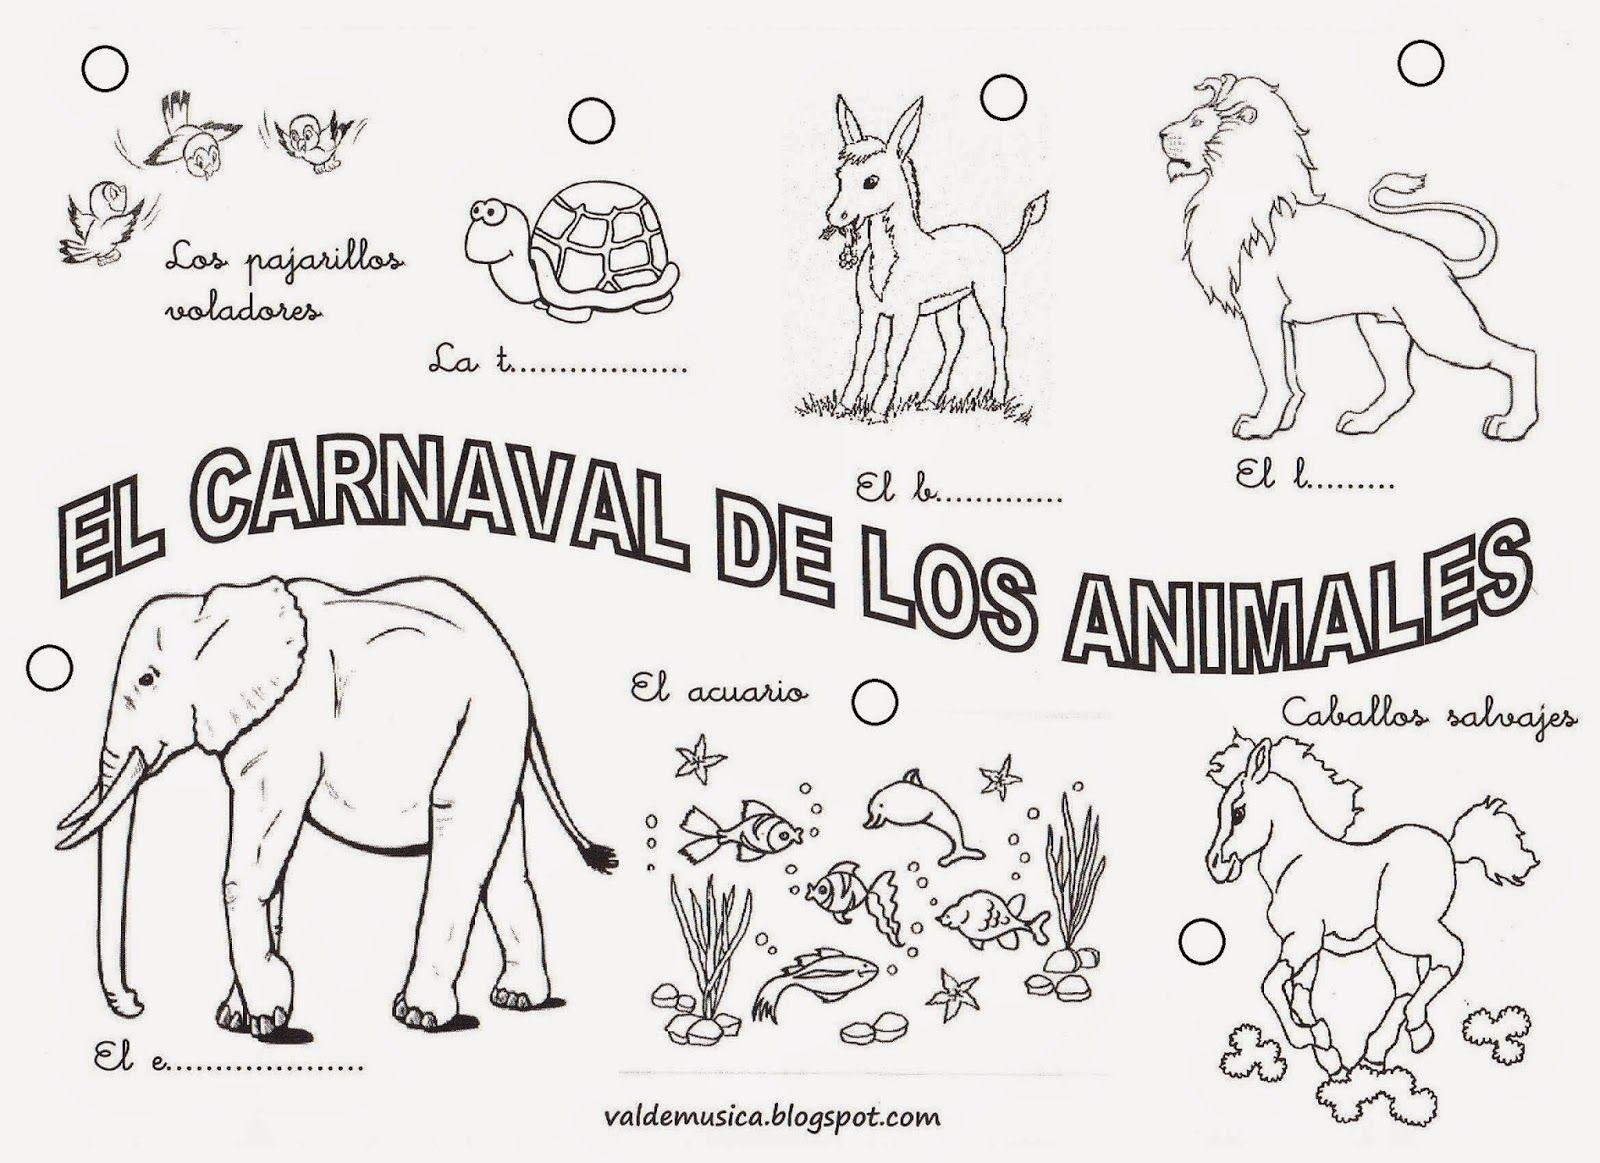 VALDEMÚSICA: EL CARNAVAL DE LOS ANIMALES DE CAMILLE SAINT-SAËNS ...